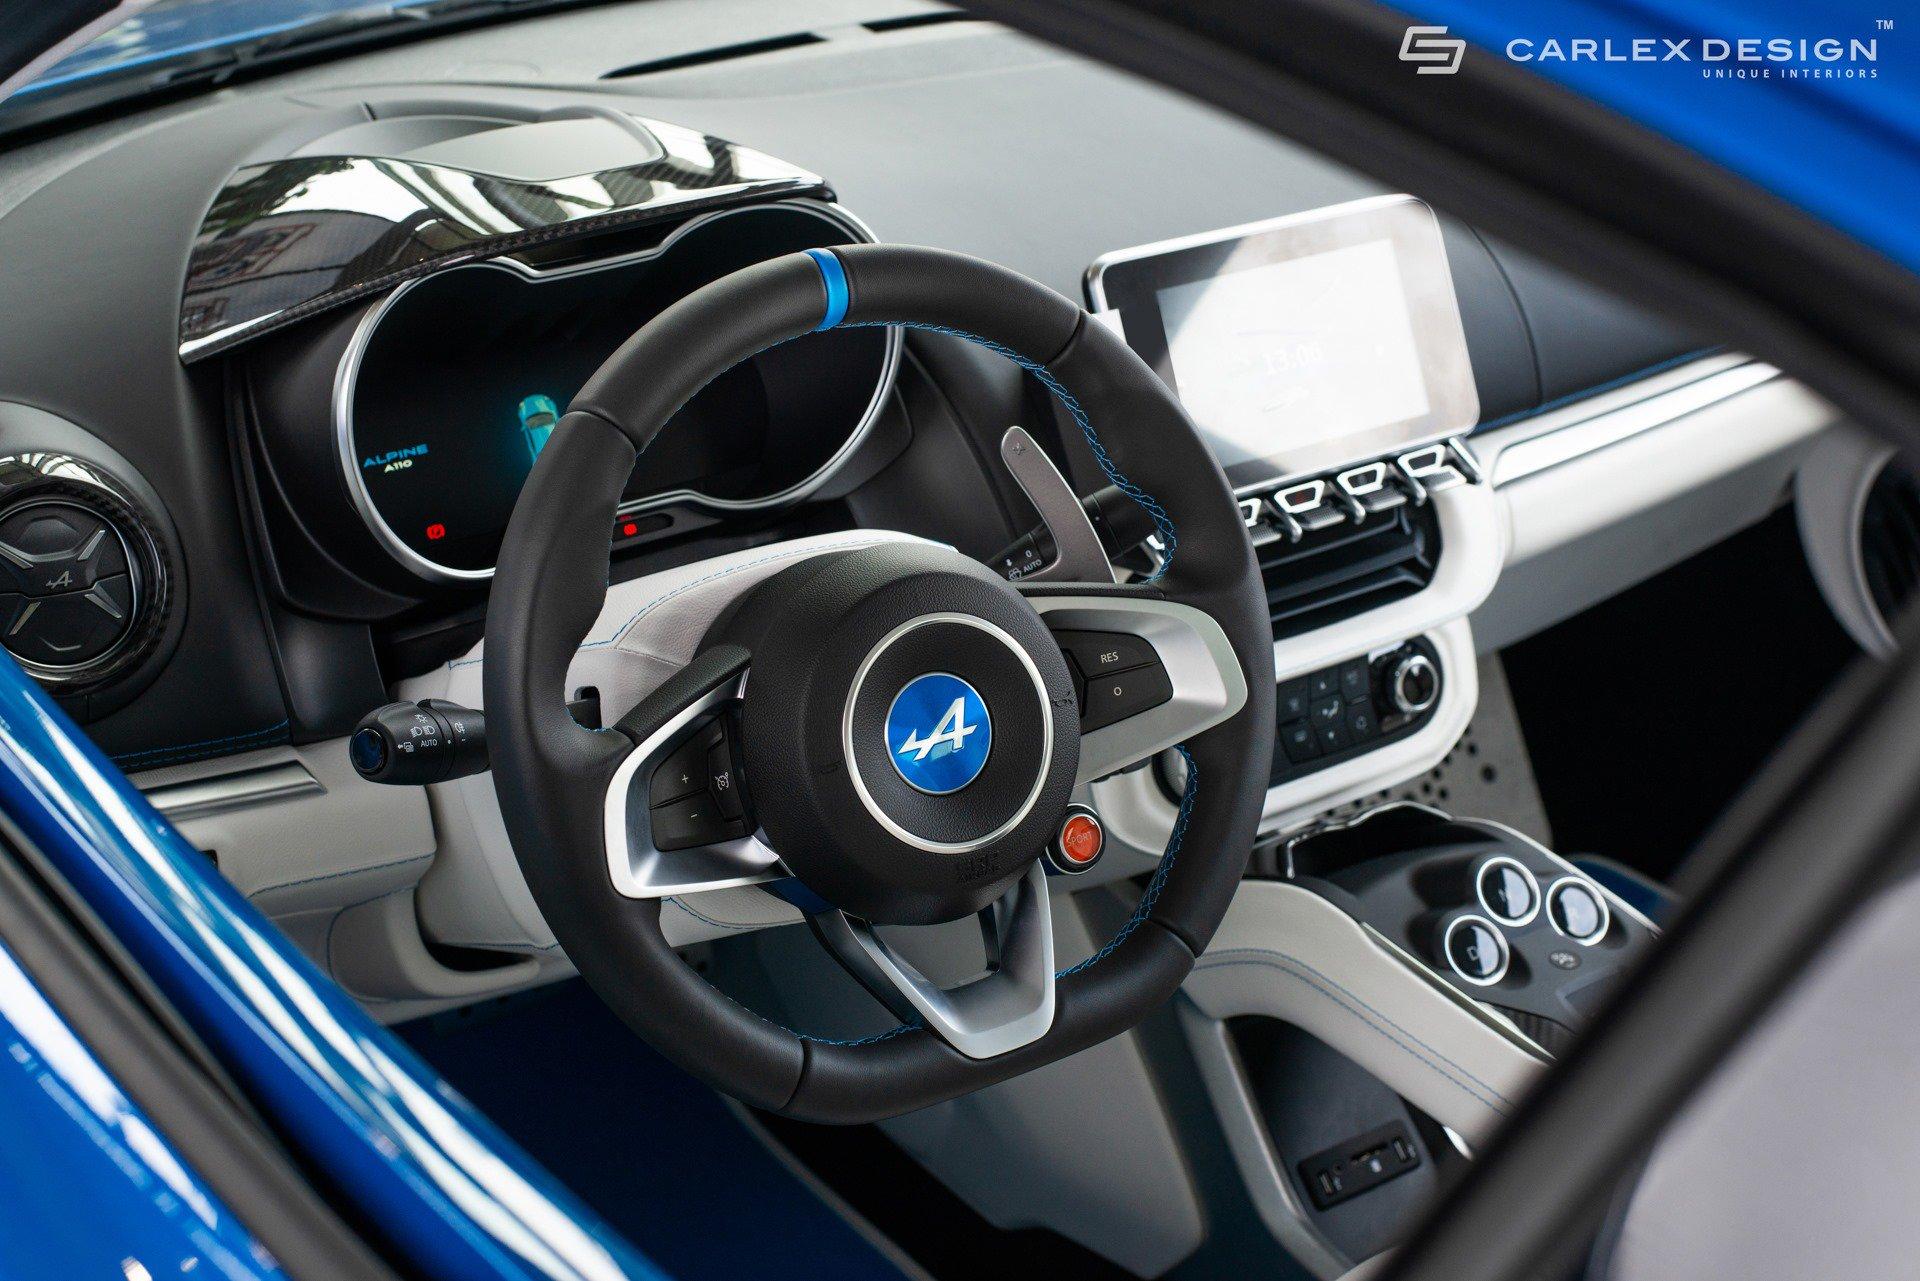 Carlex Design — известное ателье из Польши. Известно оно тем, что просто обожает заниматься перешивкой-перетяжкой салонов самых разных моделей автомобилей. Очередной проект «кутюрье» получился как никогда прекрасен.